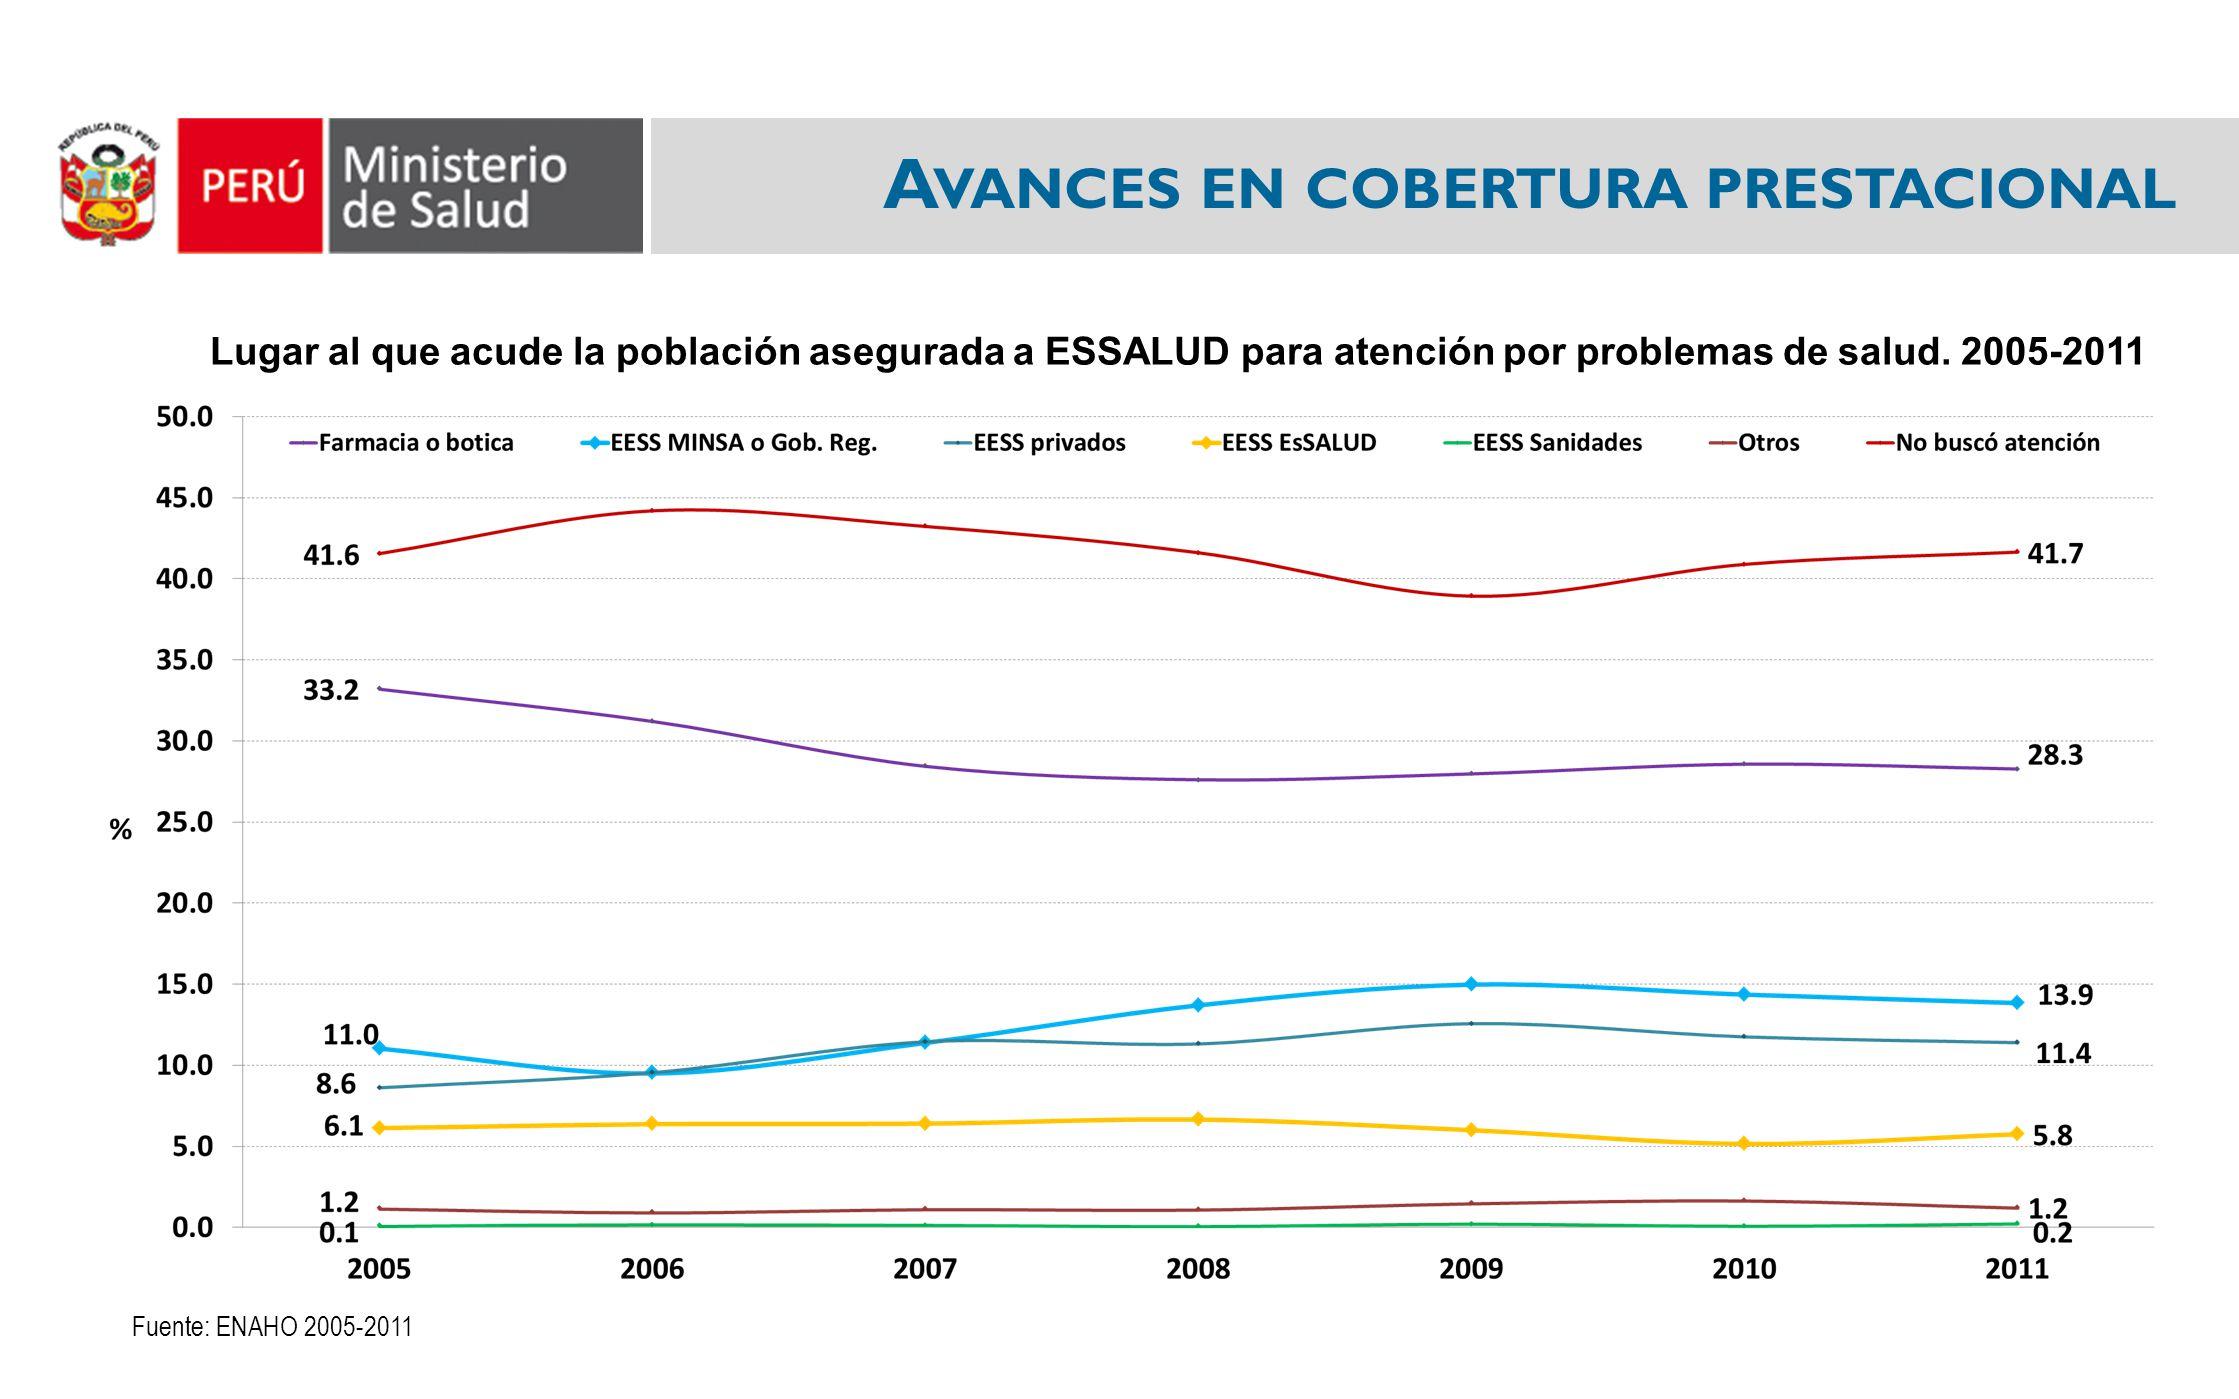 A VANCES EN COBERTURA PRESTACIONAL Lugar al que acude la población asegurada a ESSALUD para atención por problemas de salud. 2005-2011 Fuente: ENAHO 2